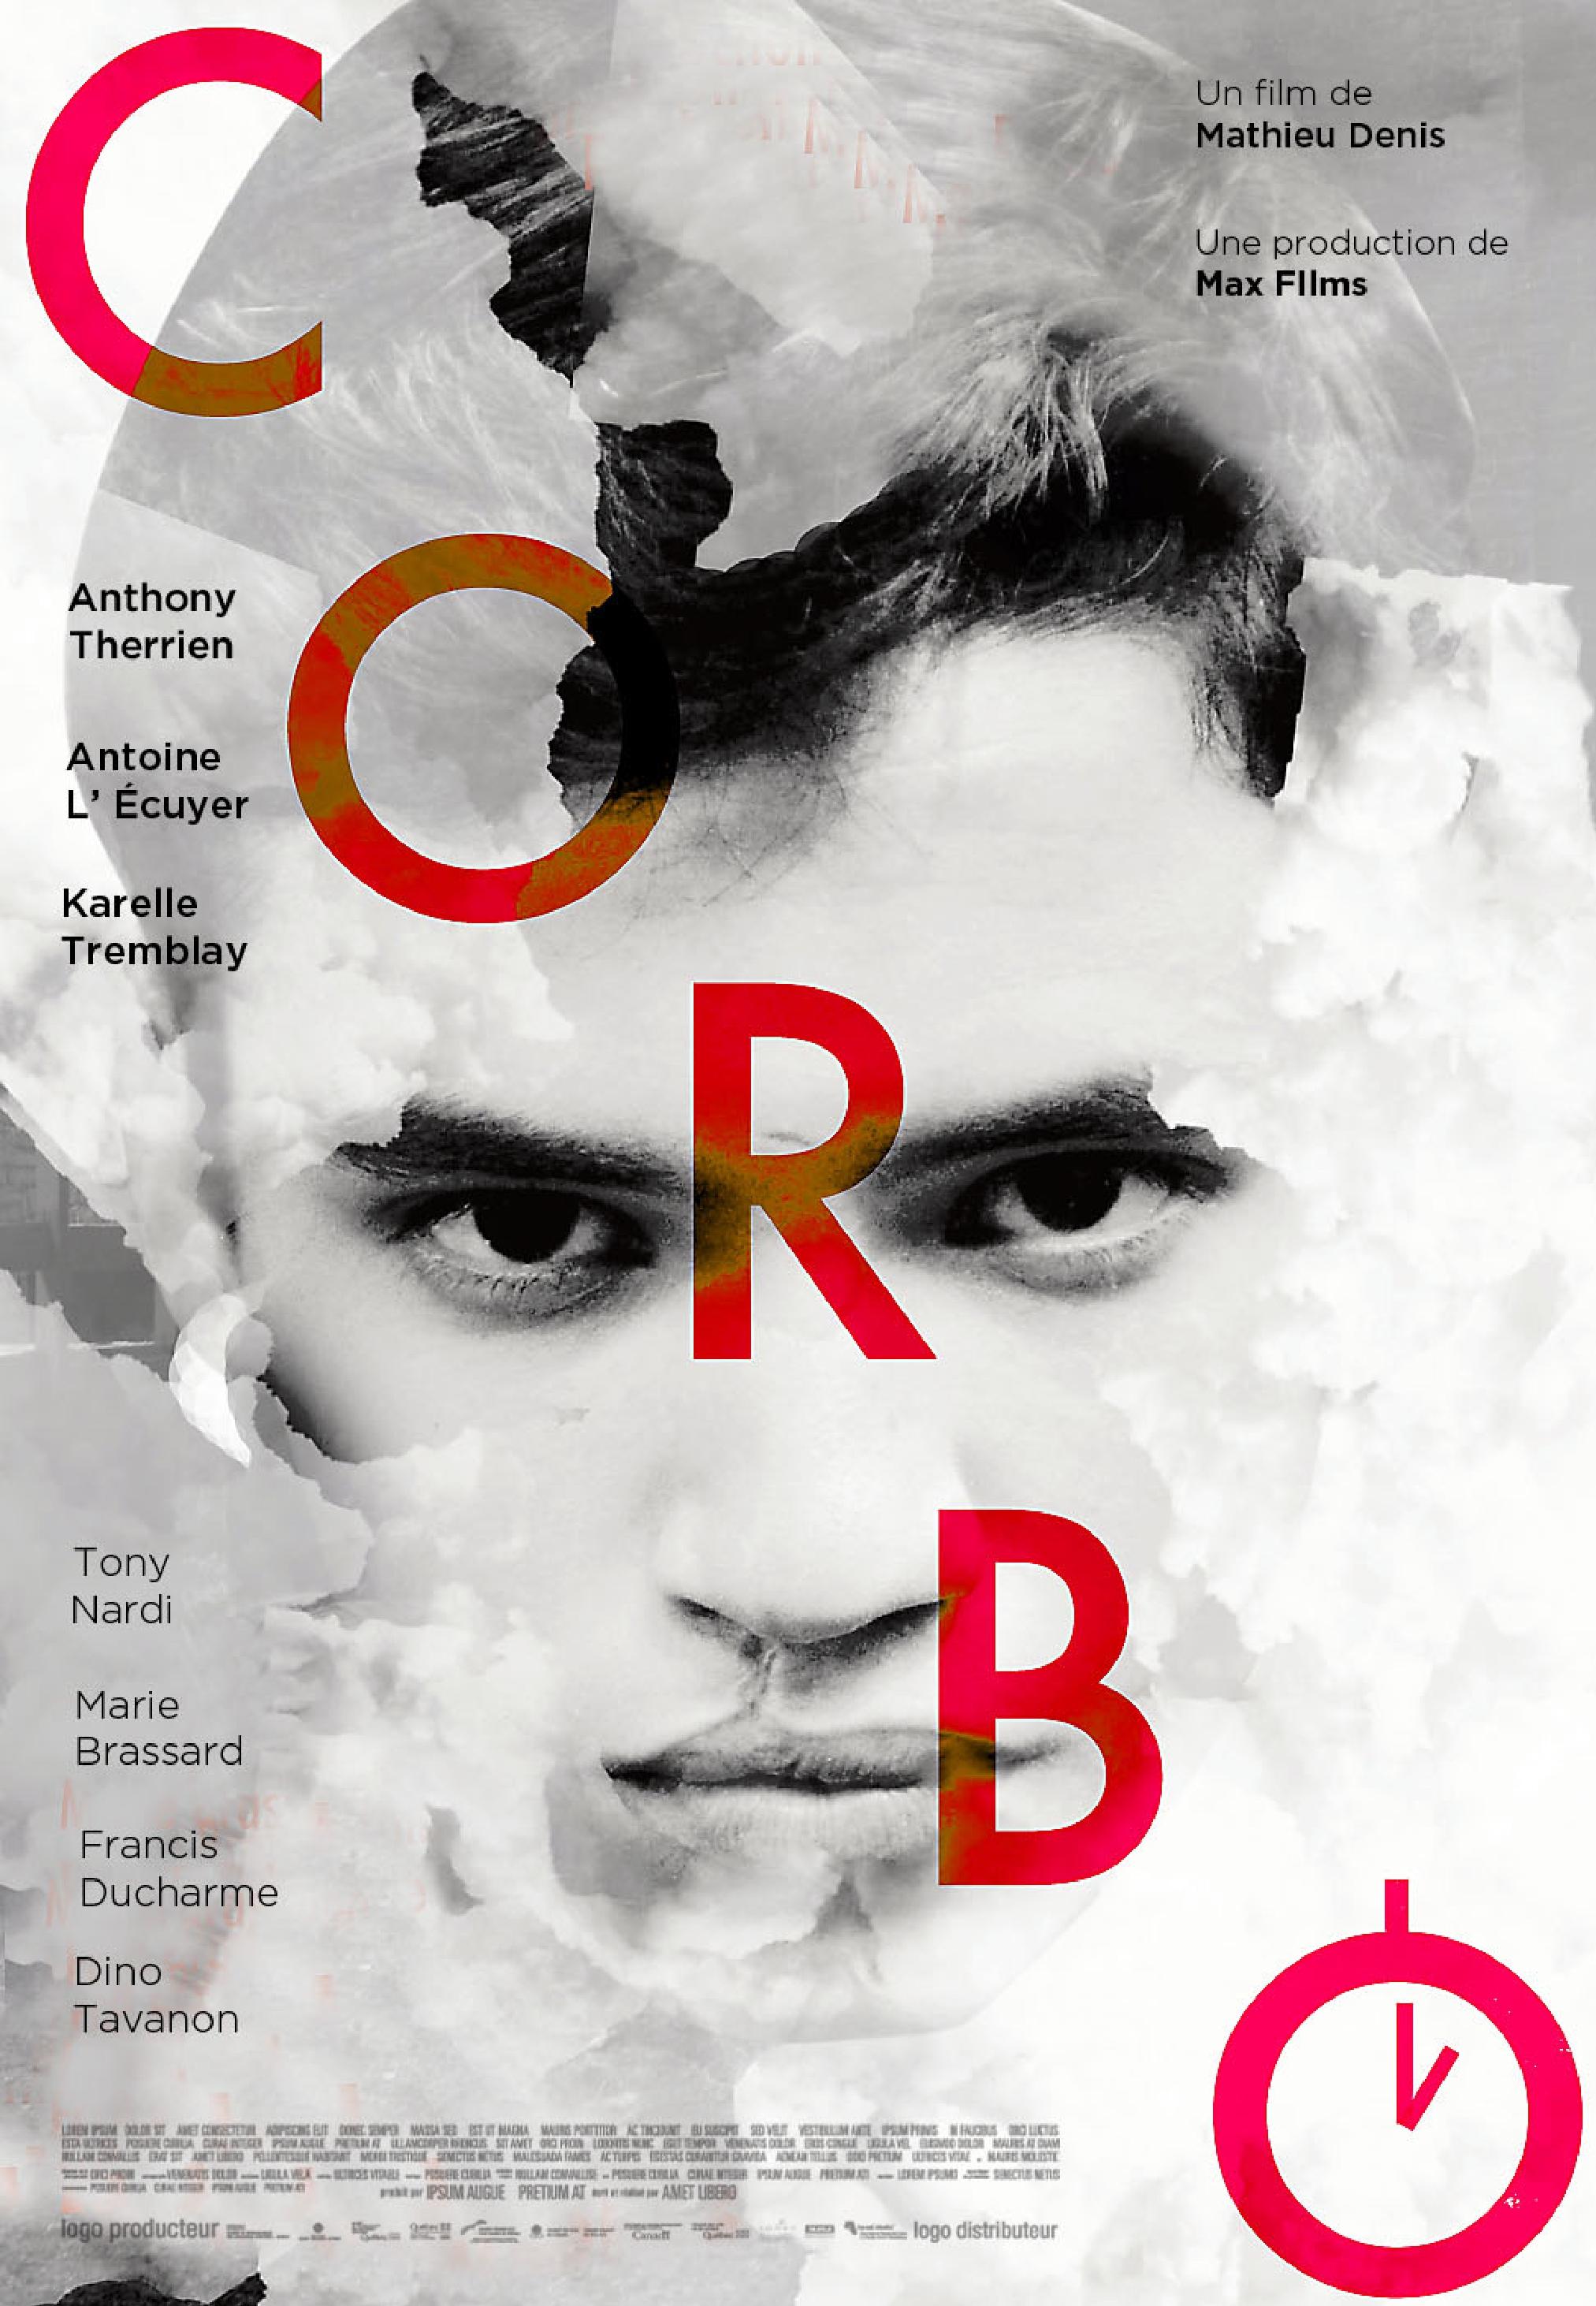 CORBO-Poster-RENZO-27oct_00009.jpg